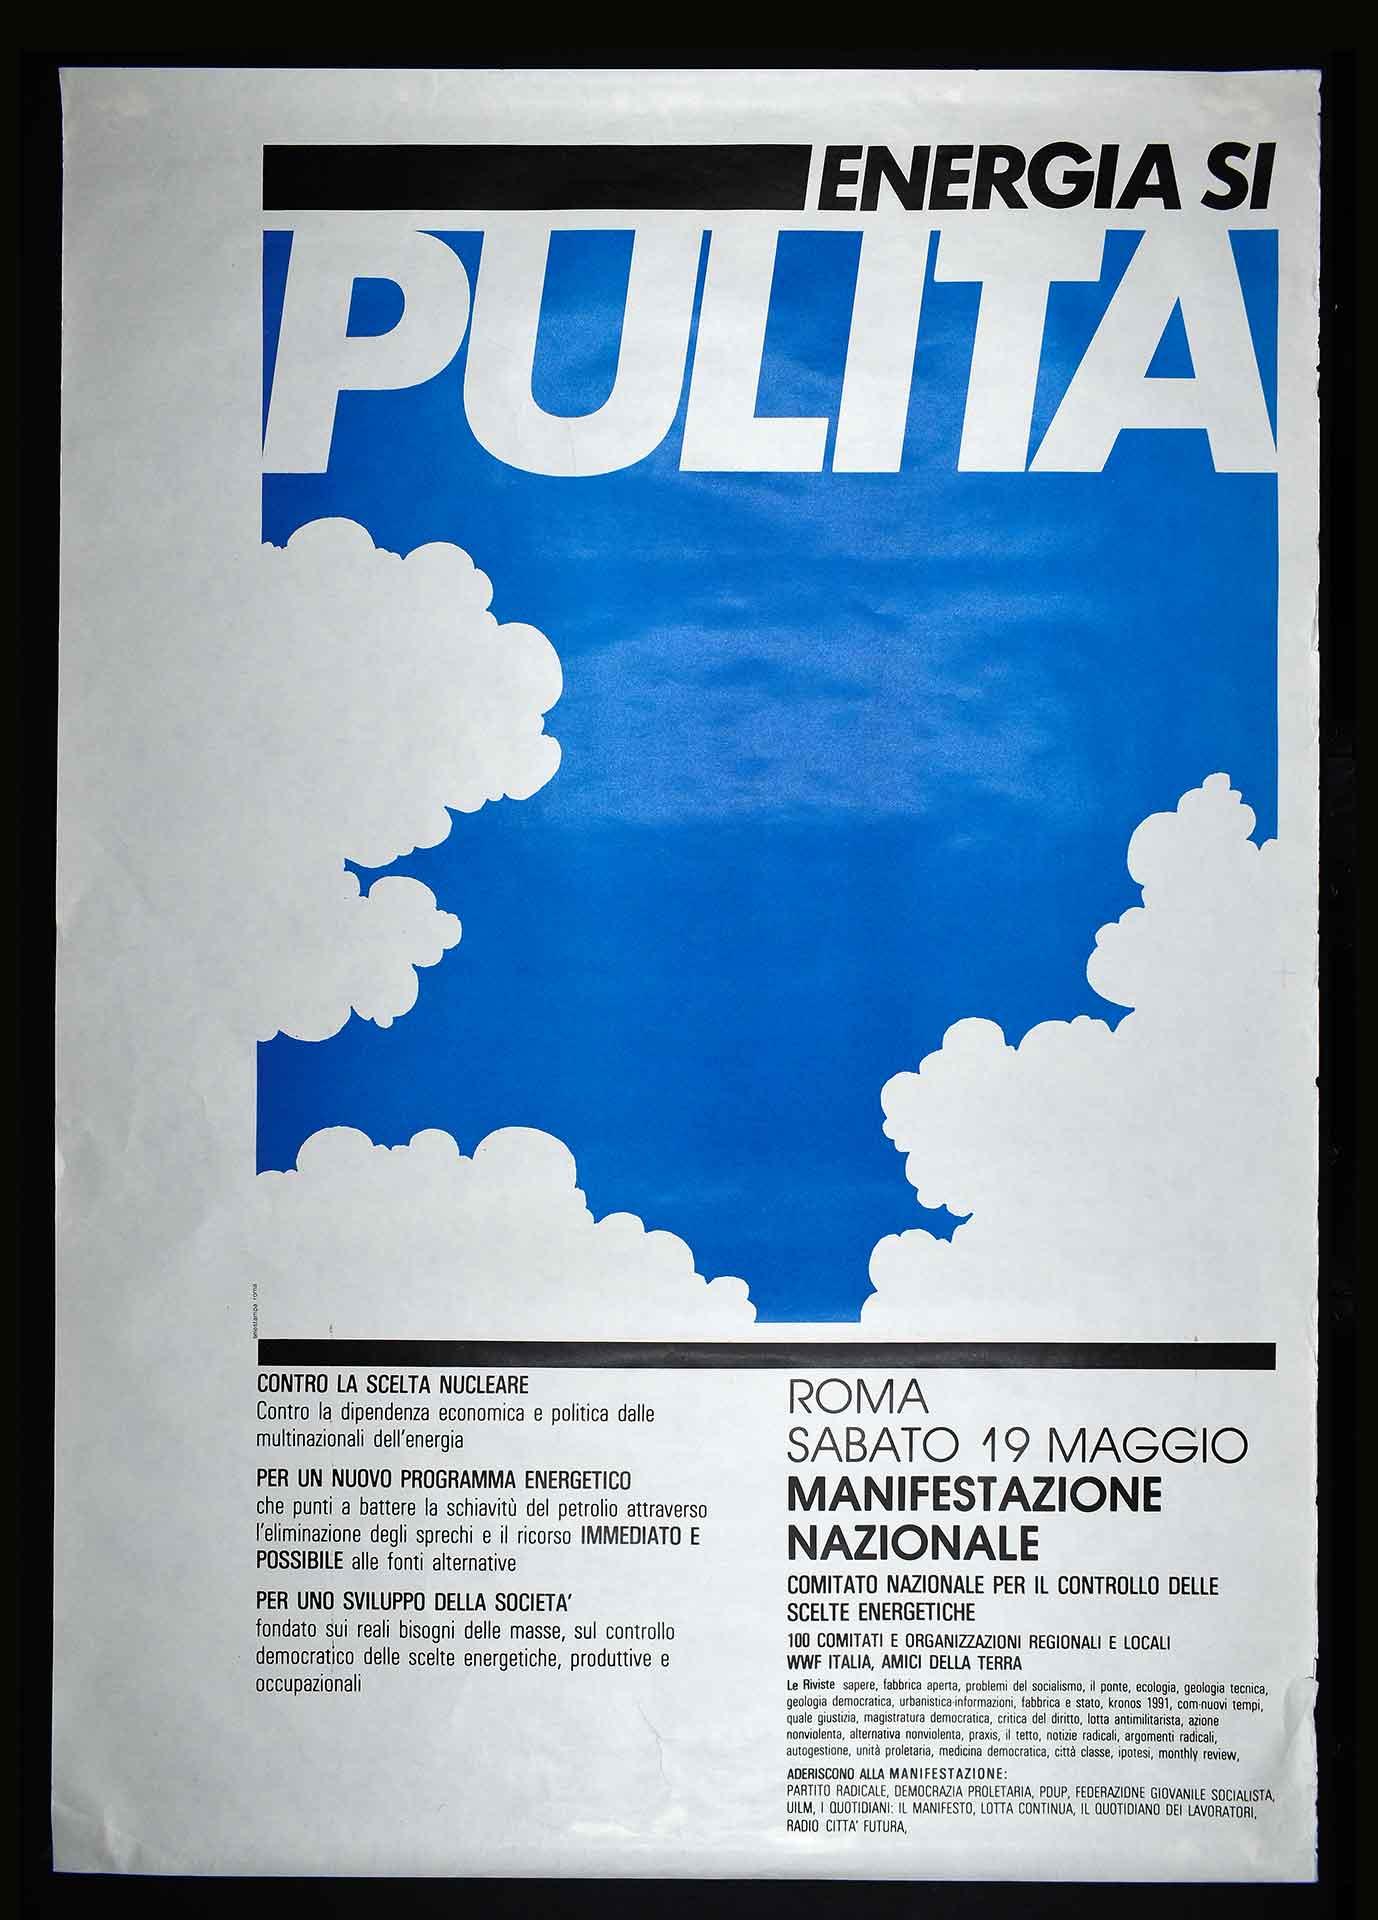 Comitato nazionale per il controllo delle scelte energetiche per la manifestazione nazionale a Roma del 19 maggio 1979. Stampa Selestampa, Roma. Movimento antinucleare.